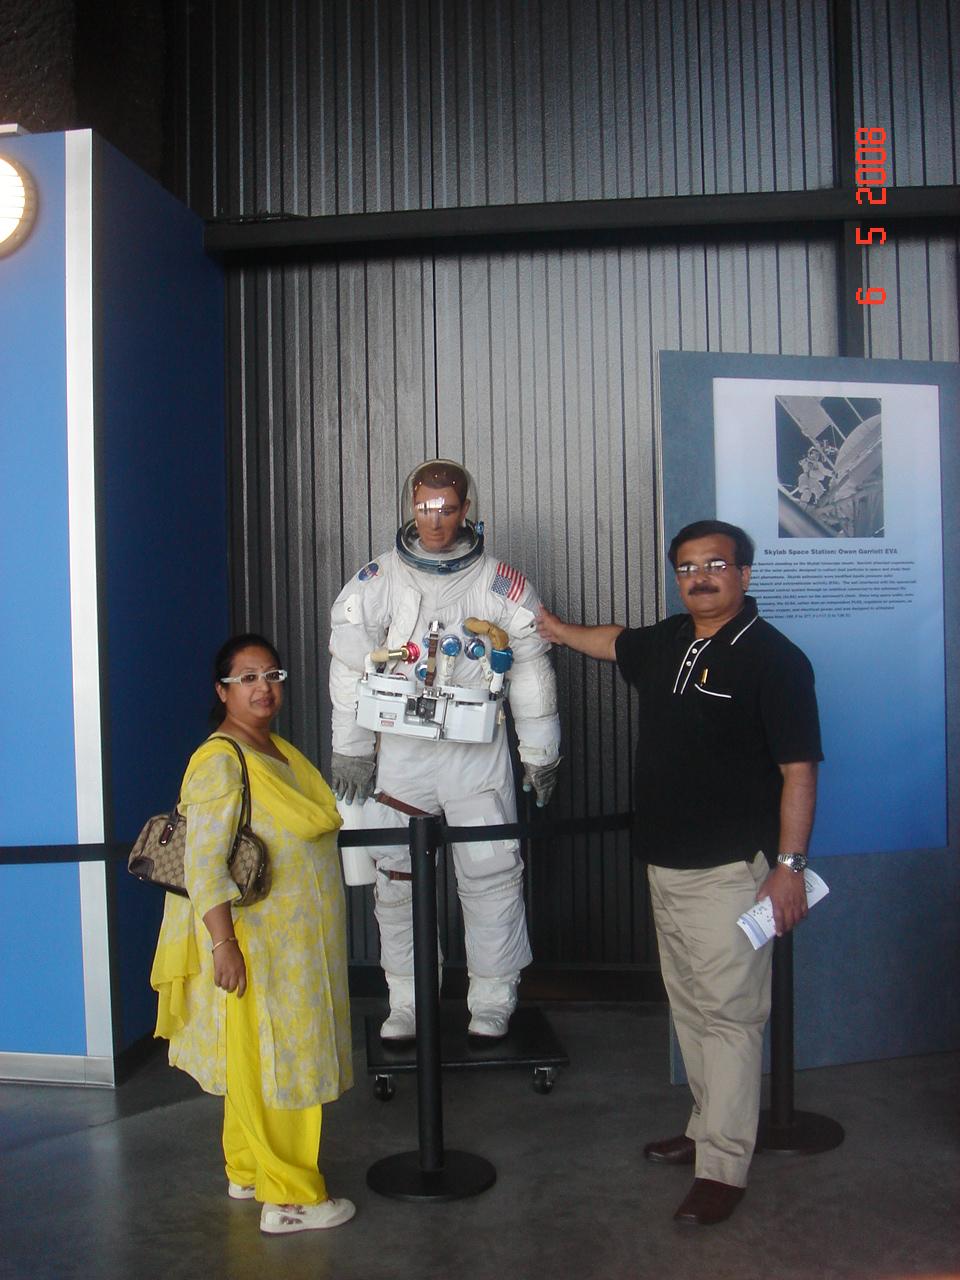 Astronaut at Huntsville,USA